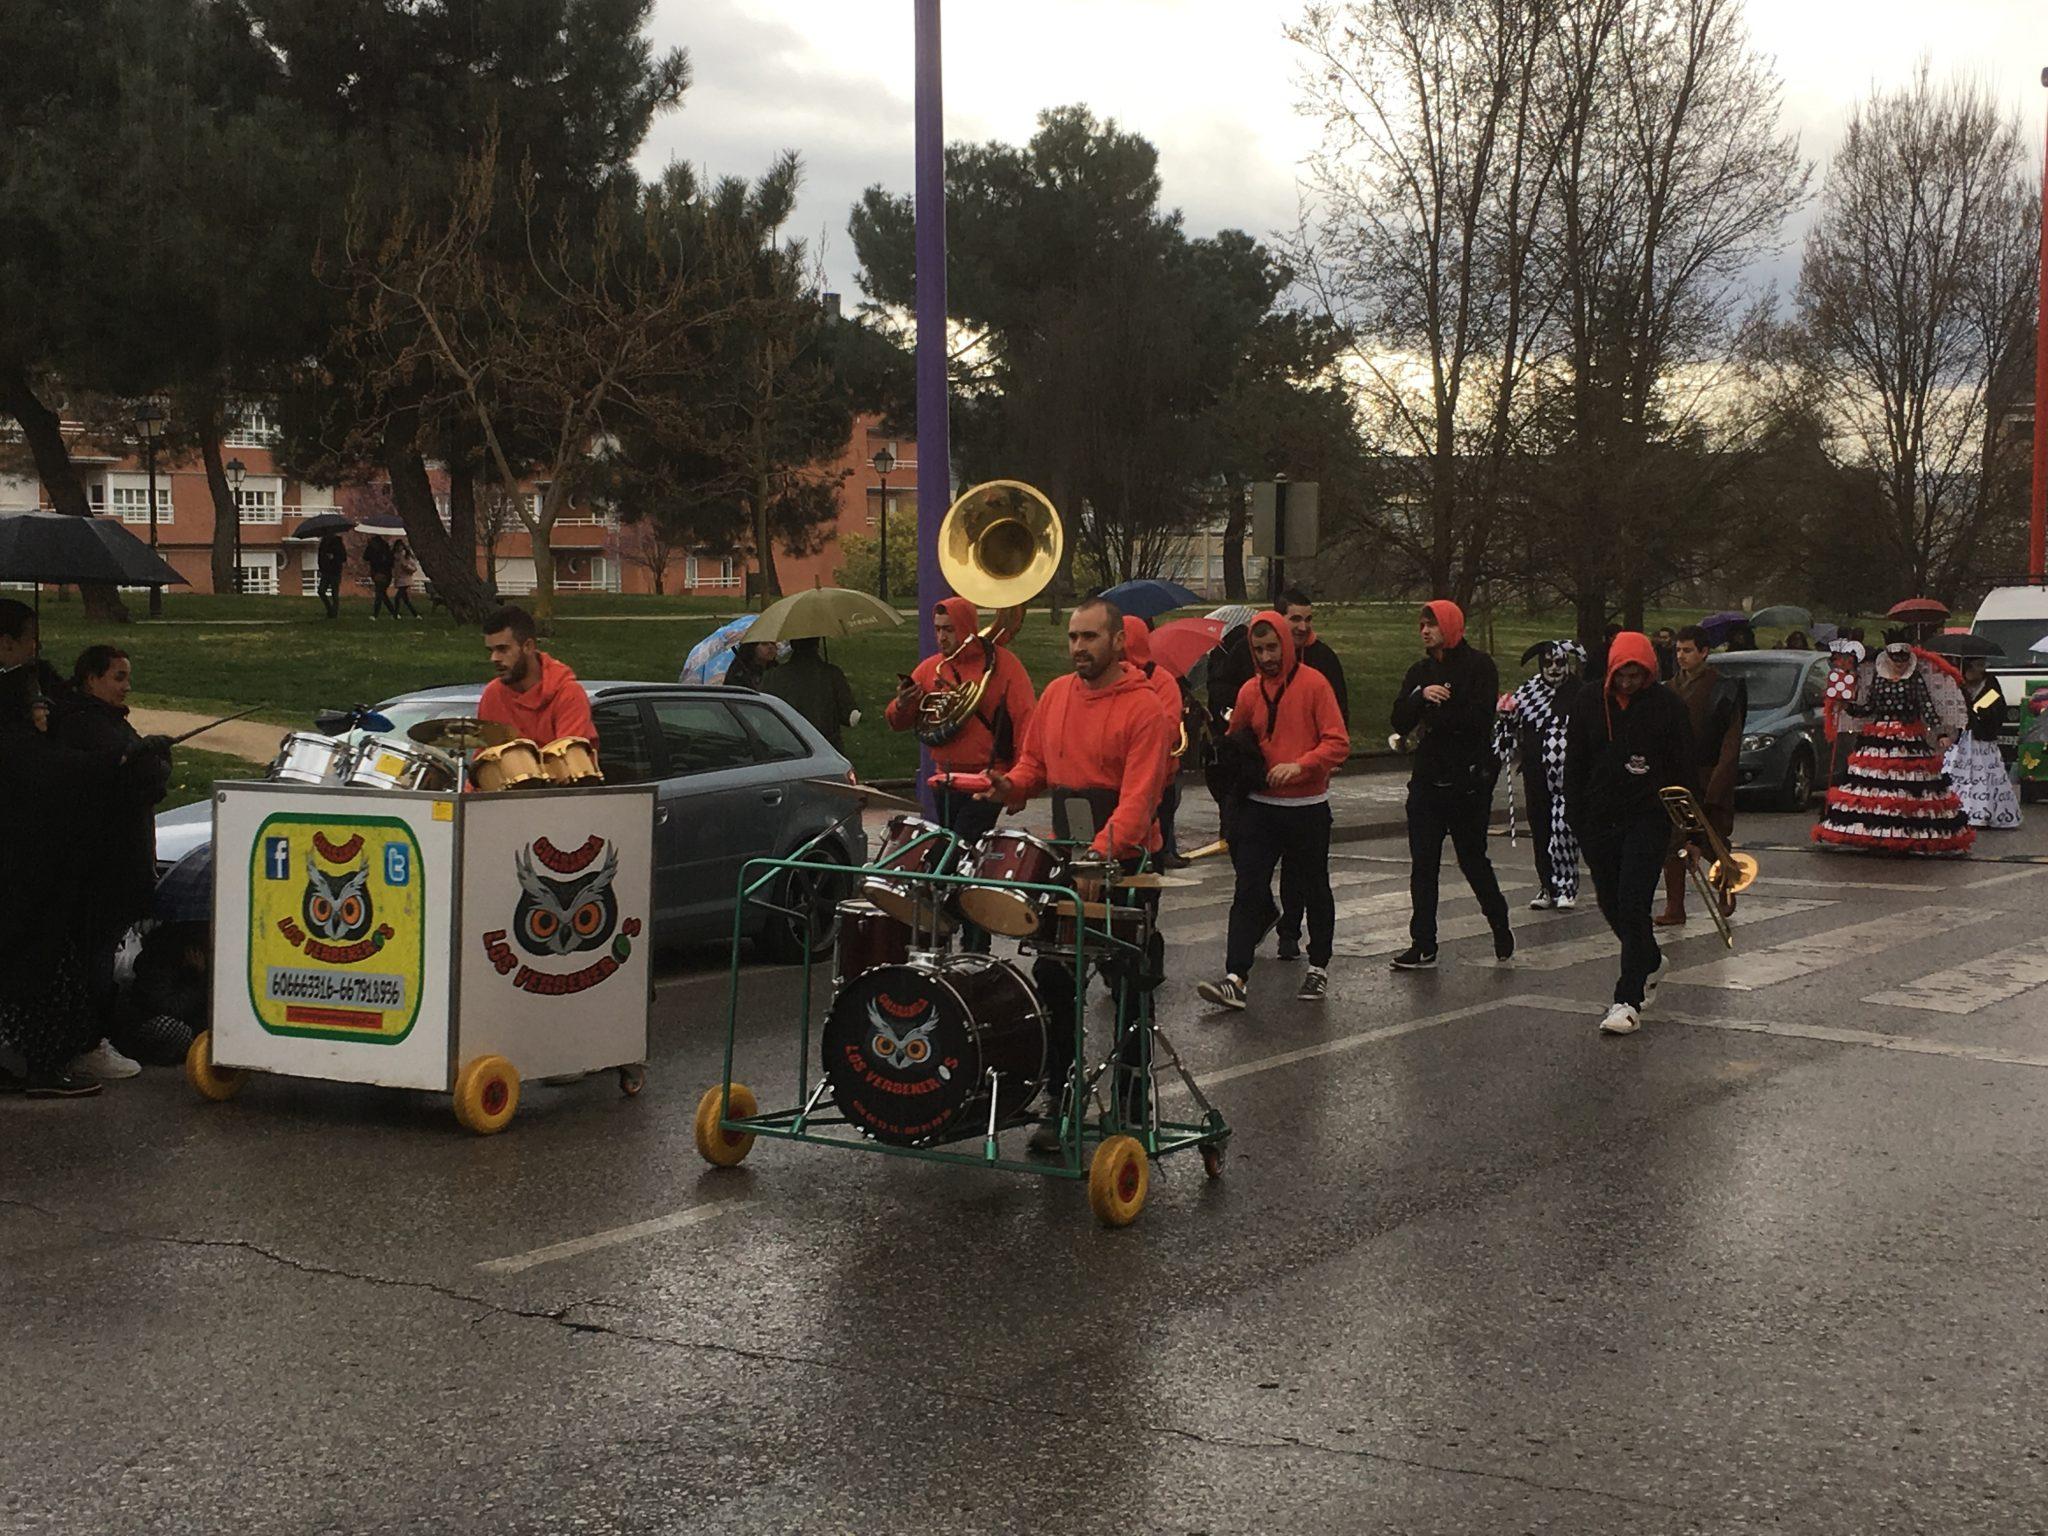 Álbum de fotos del martes de Carnaval 2019 en Ponferrada 2